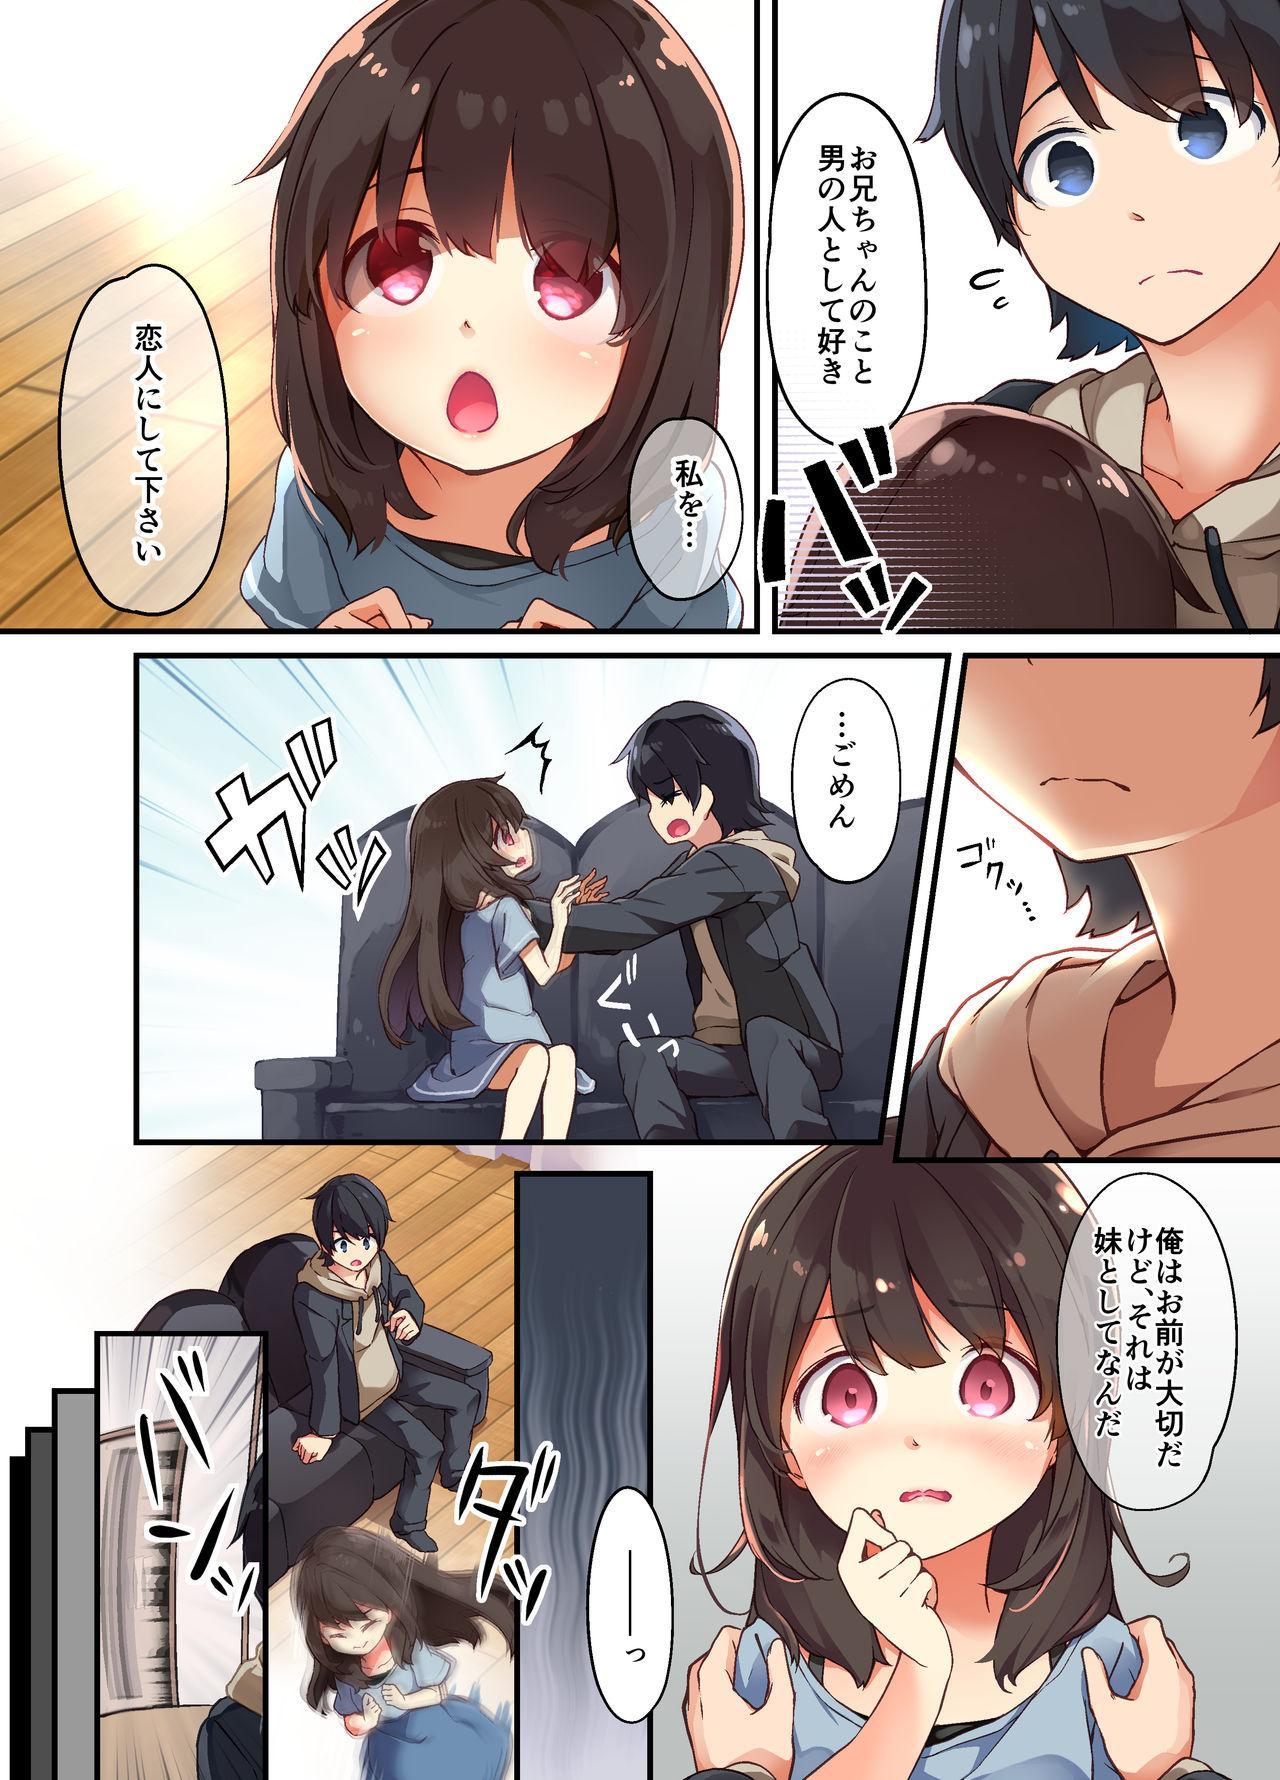 Onii-chan ni Haramasaretai Yandere Imouto wa Karada o Koukan shite Kozukuri H shichau no 4